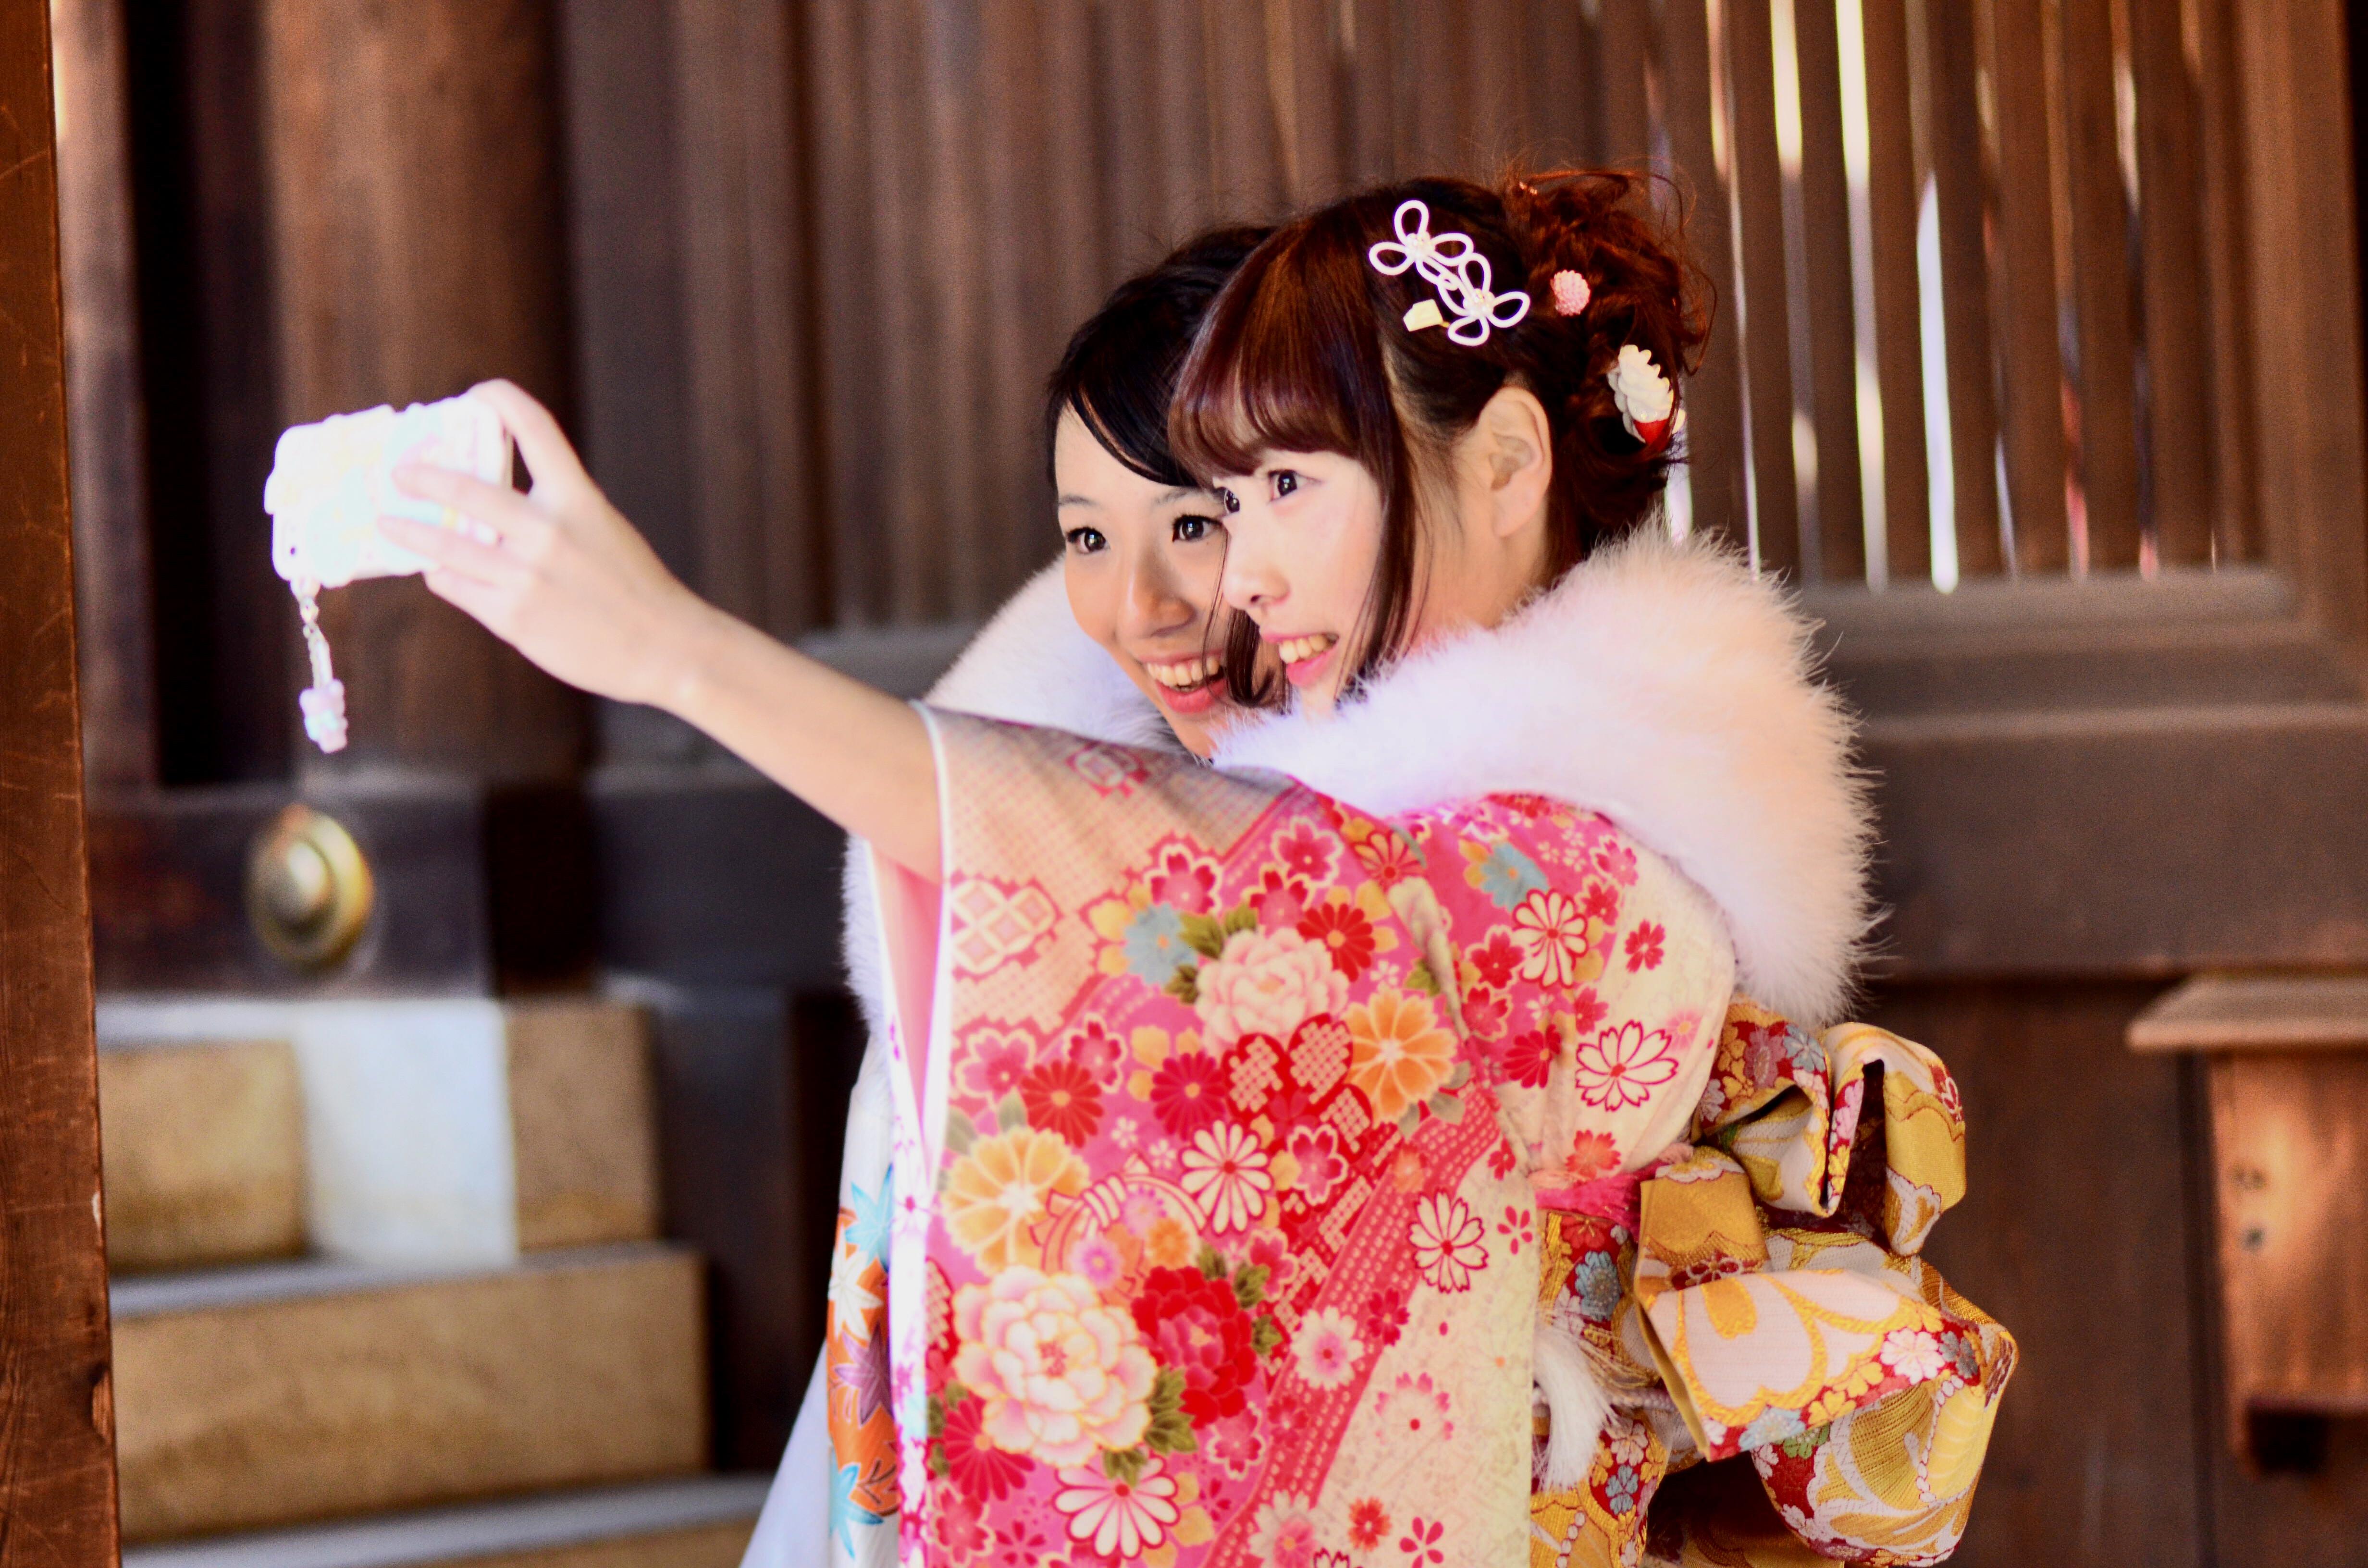 Selfie de chicas japonesas - 4928x3264